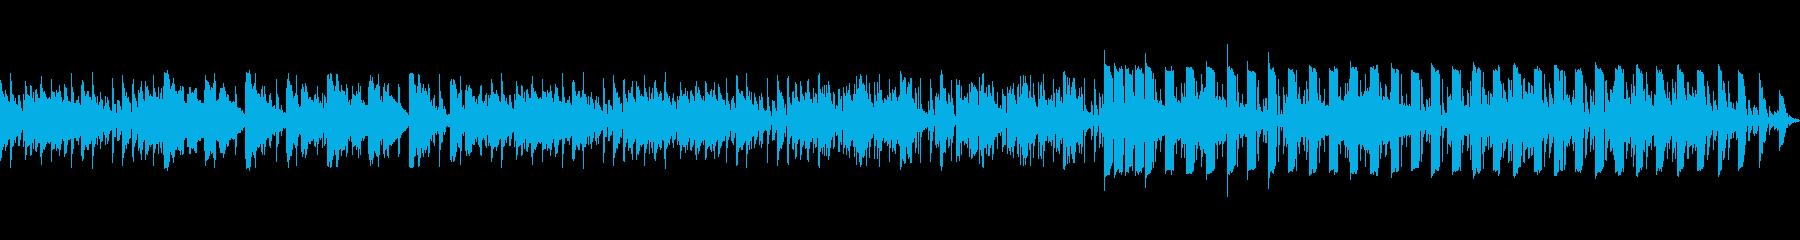 今風のオシャレで騒がしくないBGMの再生済みの波形